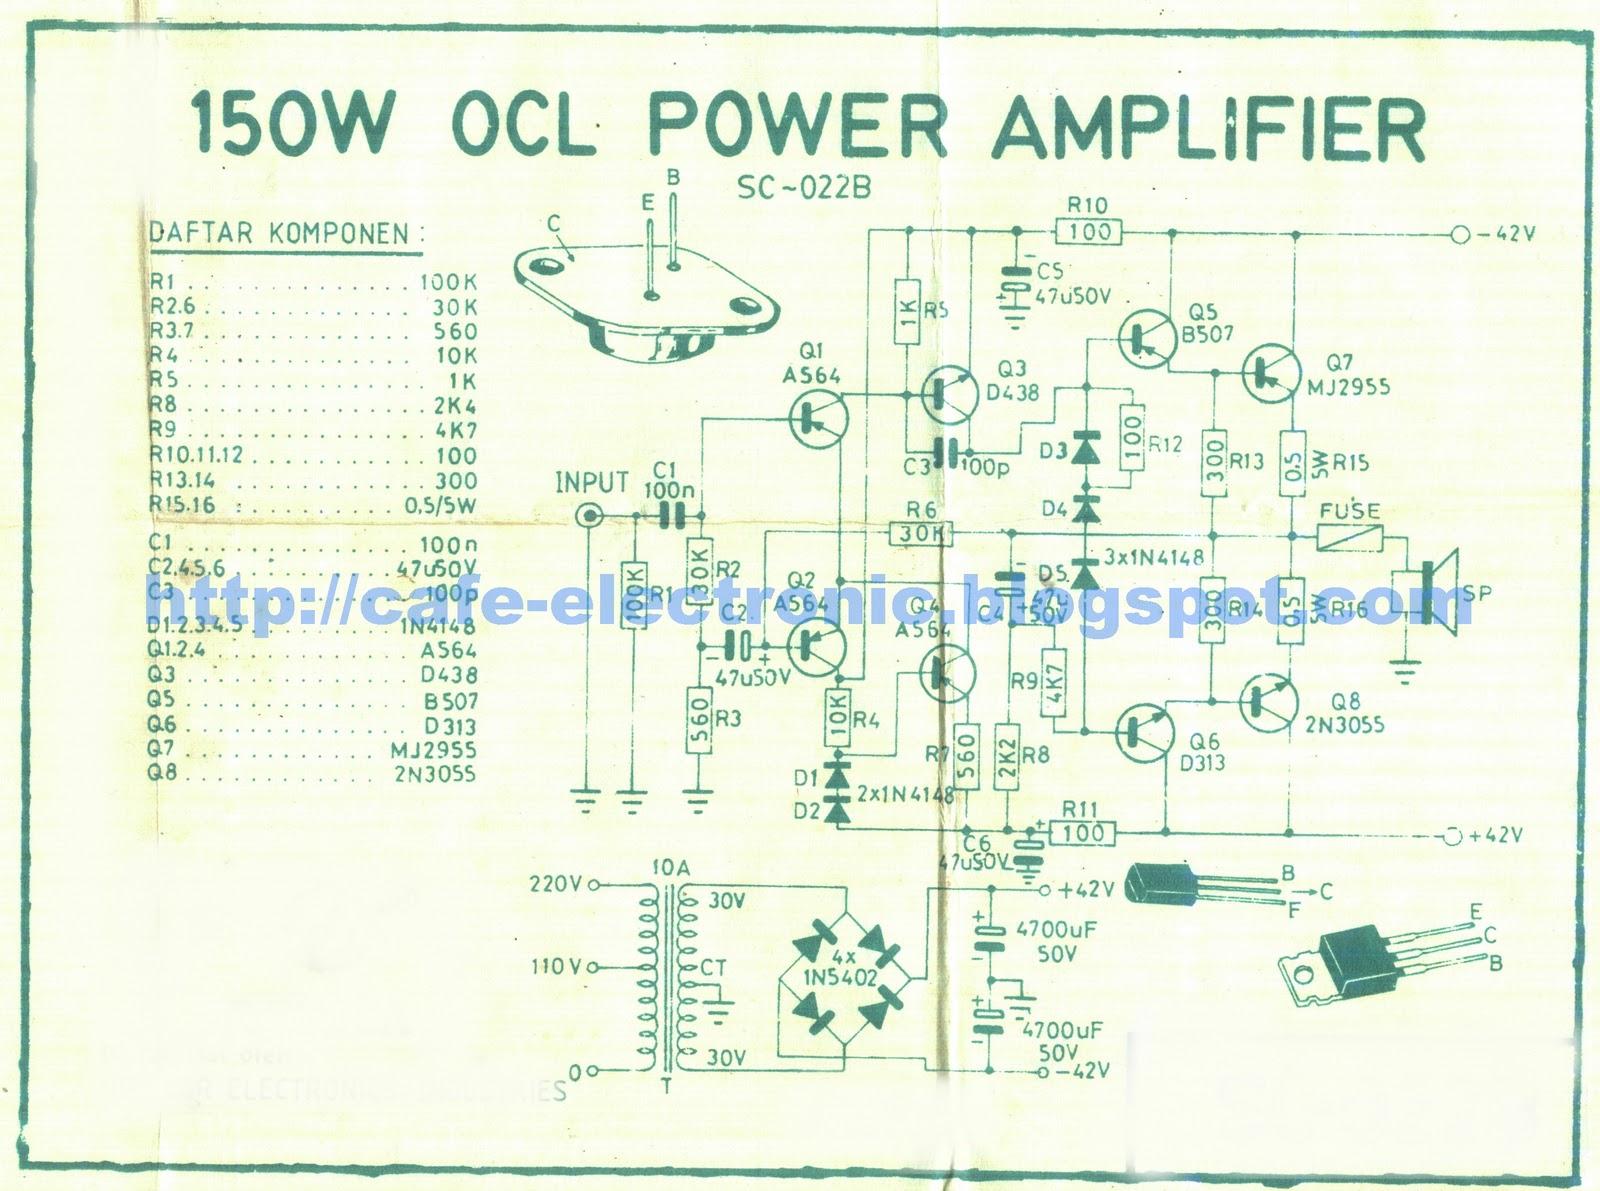 150watt OCL Power Amplifier